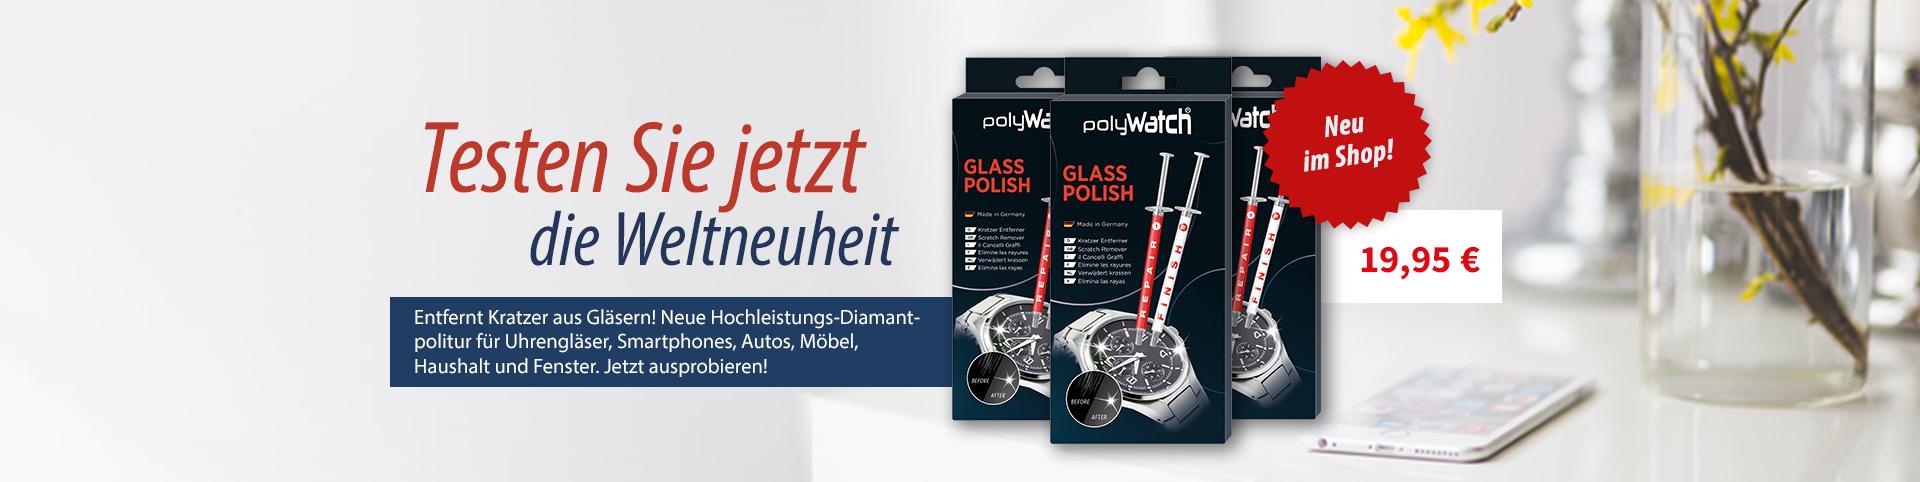 Glas Polywatch